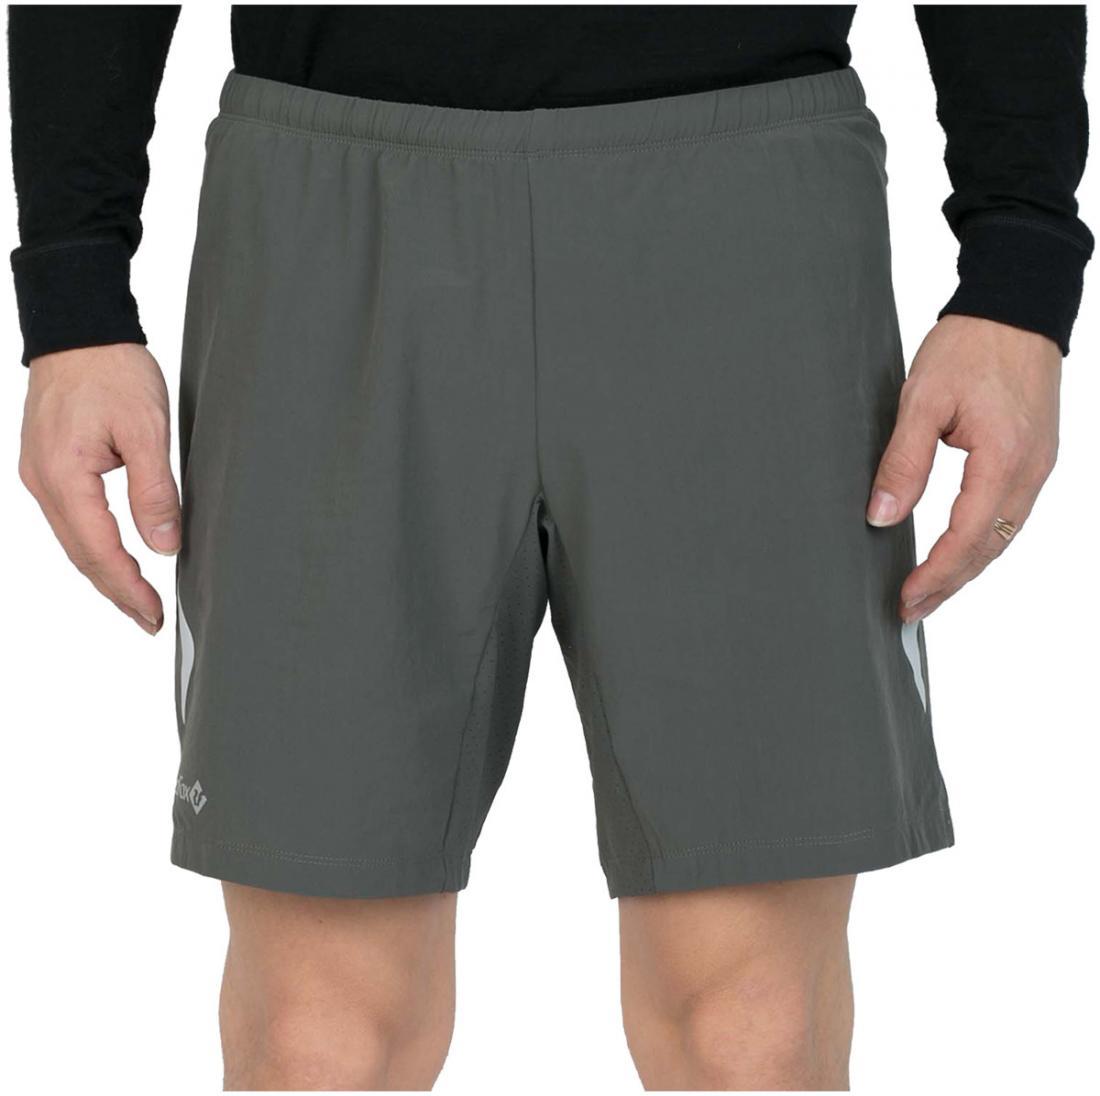 Шорты Race IIШорты, бриджи<br><br> Легкие спортивные шорты свободного кроя. выполнены из эластичного материала с высокими показателями отведения и испарения влаги, что позволяет использовать изделие для занятий активными видами спорта на открытом воздухе.<br><br><br>основное ...<br><br>Цвет: Серый<br>Размер: 44